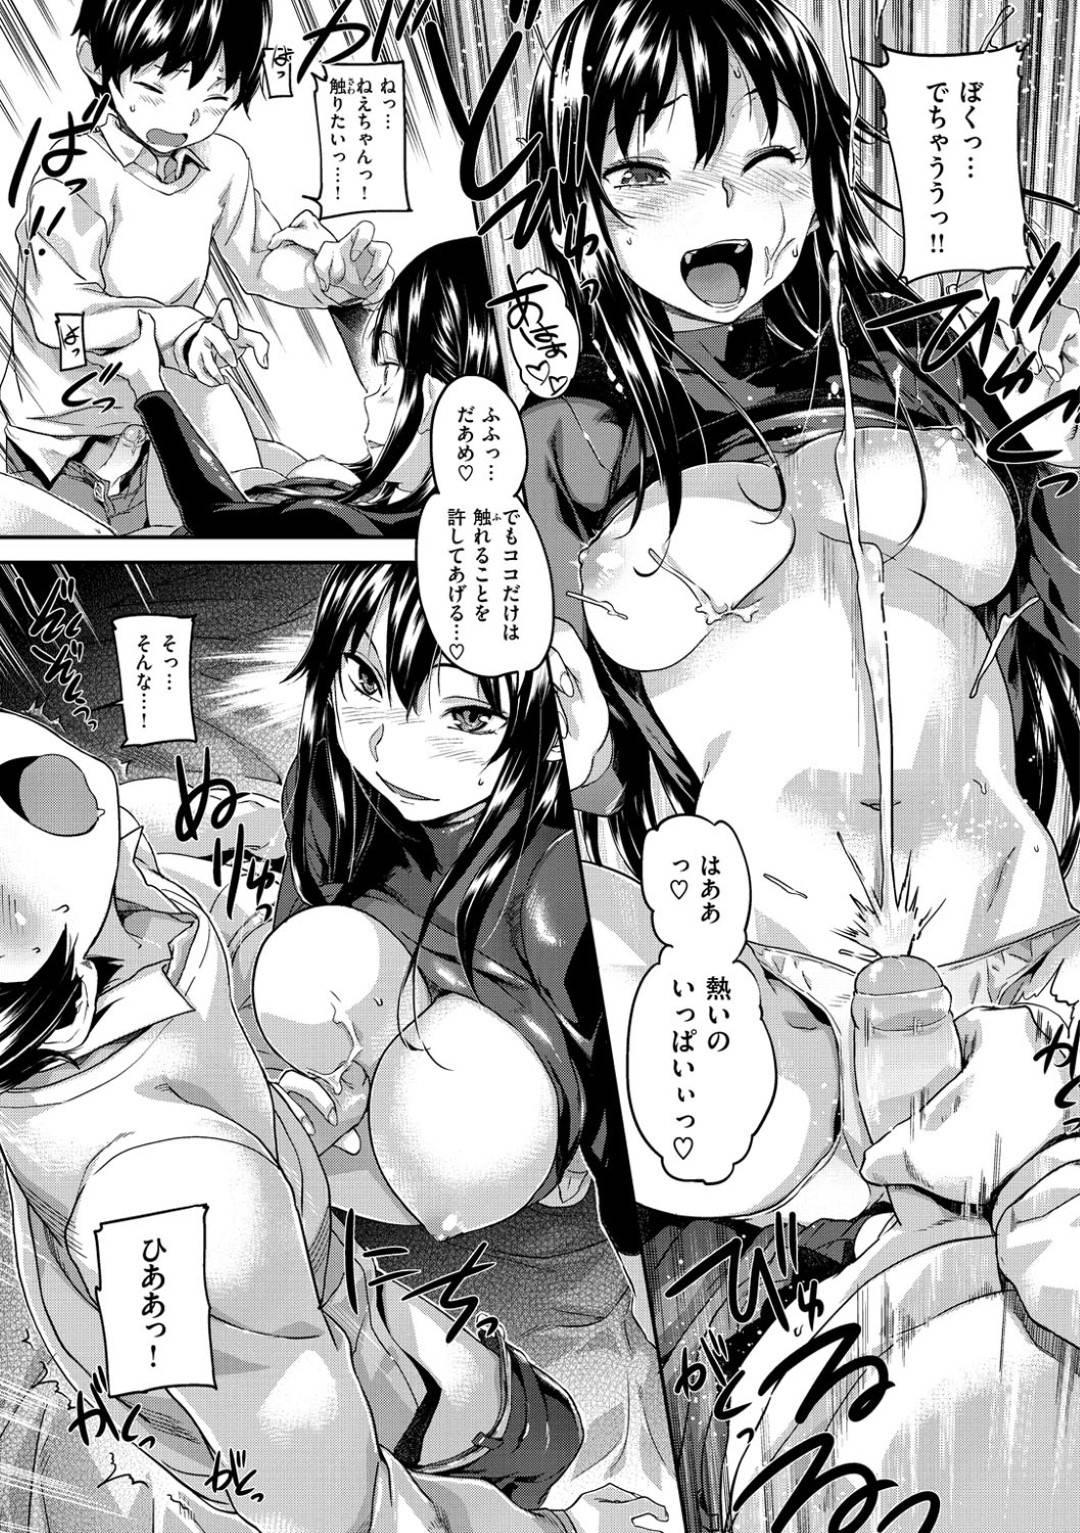 【エロ漫画】近所のショタに勉強を教えるお姉さん…強引におっぱいを押し付け手コキフェラで射精させるとバックや正常位で中出しセックスさせる